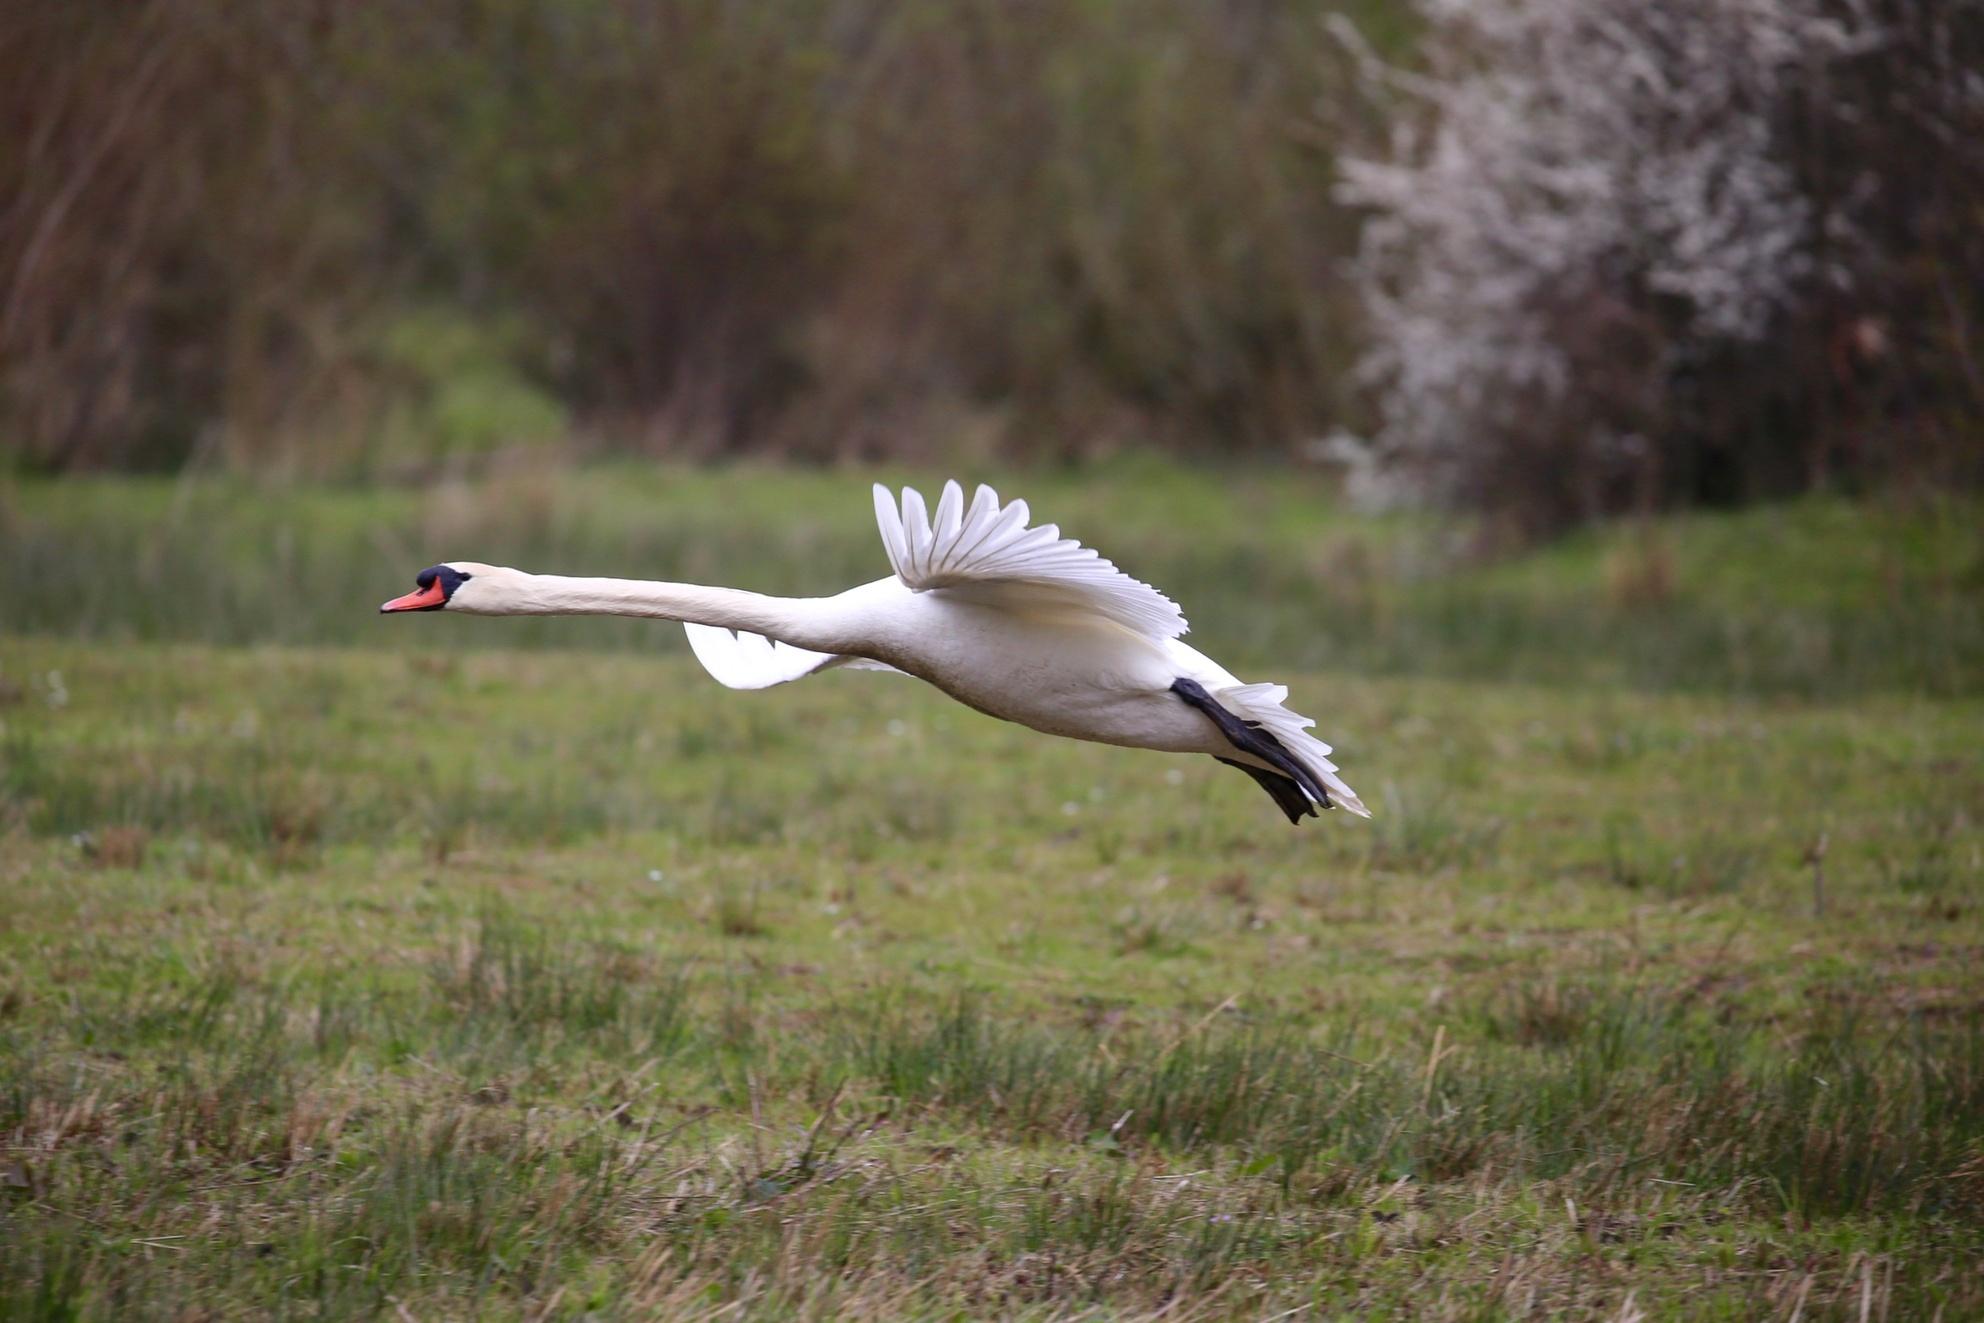 Zwaan - Vliegt op vlakbij - foto door Ebben op 08-04-2021 - deze foto bevat: vogel, fabriek, bek, boom, veer, grasland, gras, watervogels, weide, ciconiiformes